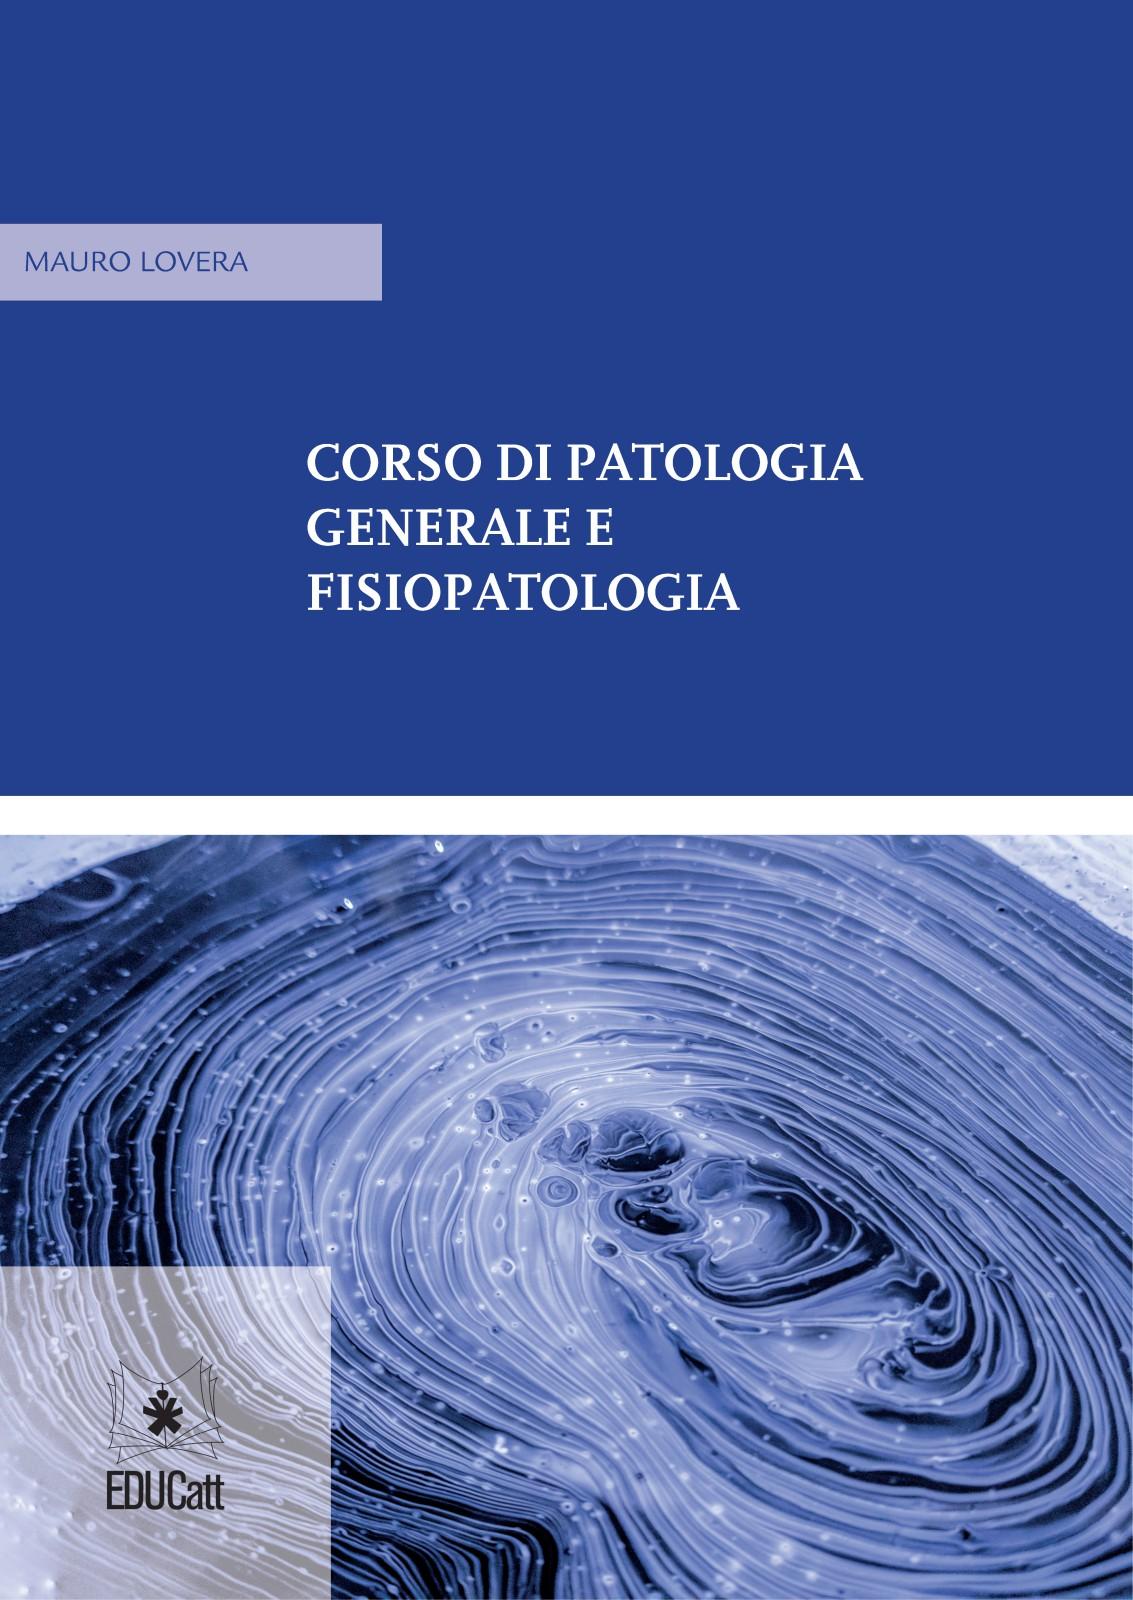 CORSO DI PATOLOGIA GENERALE E FISIOPATOLOGIA